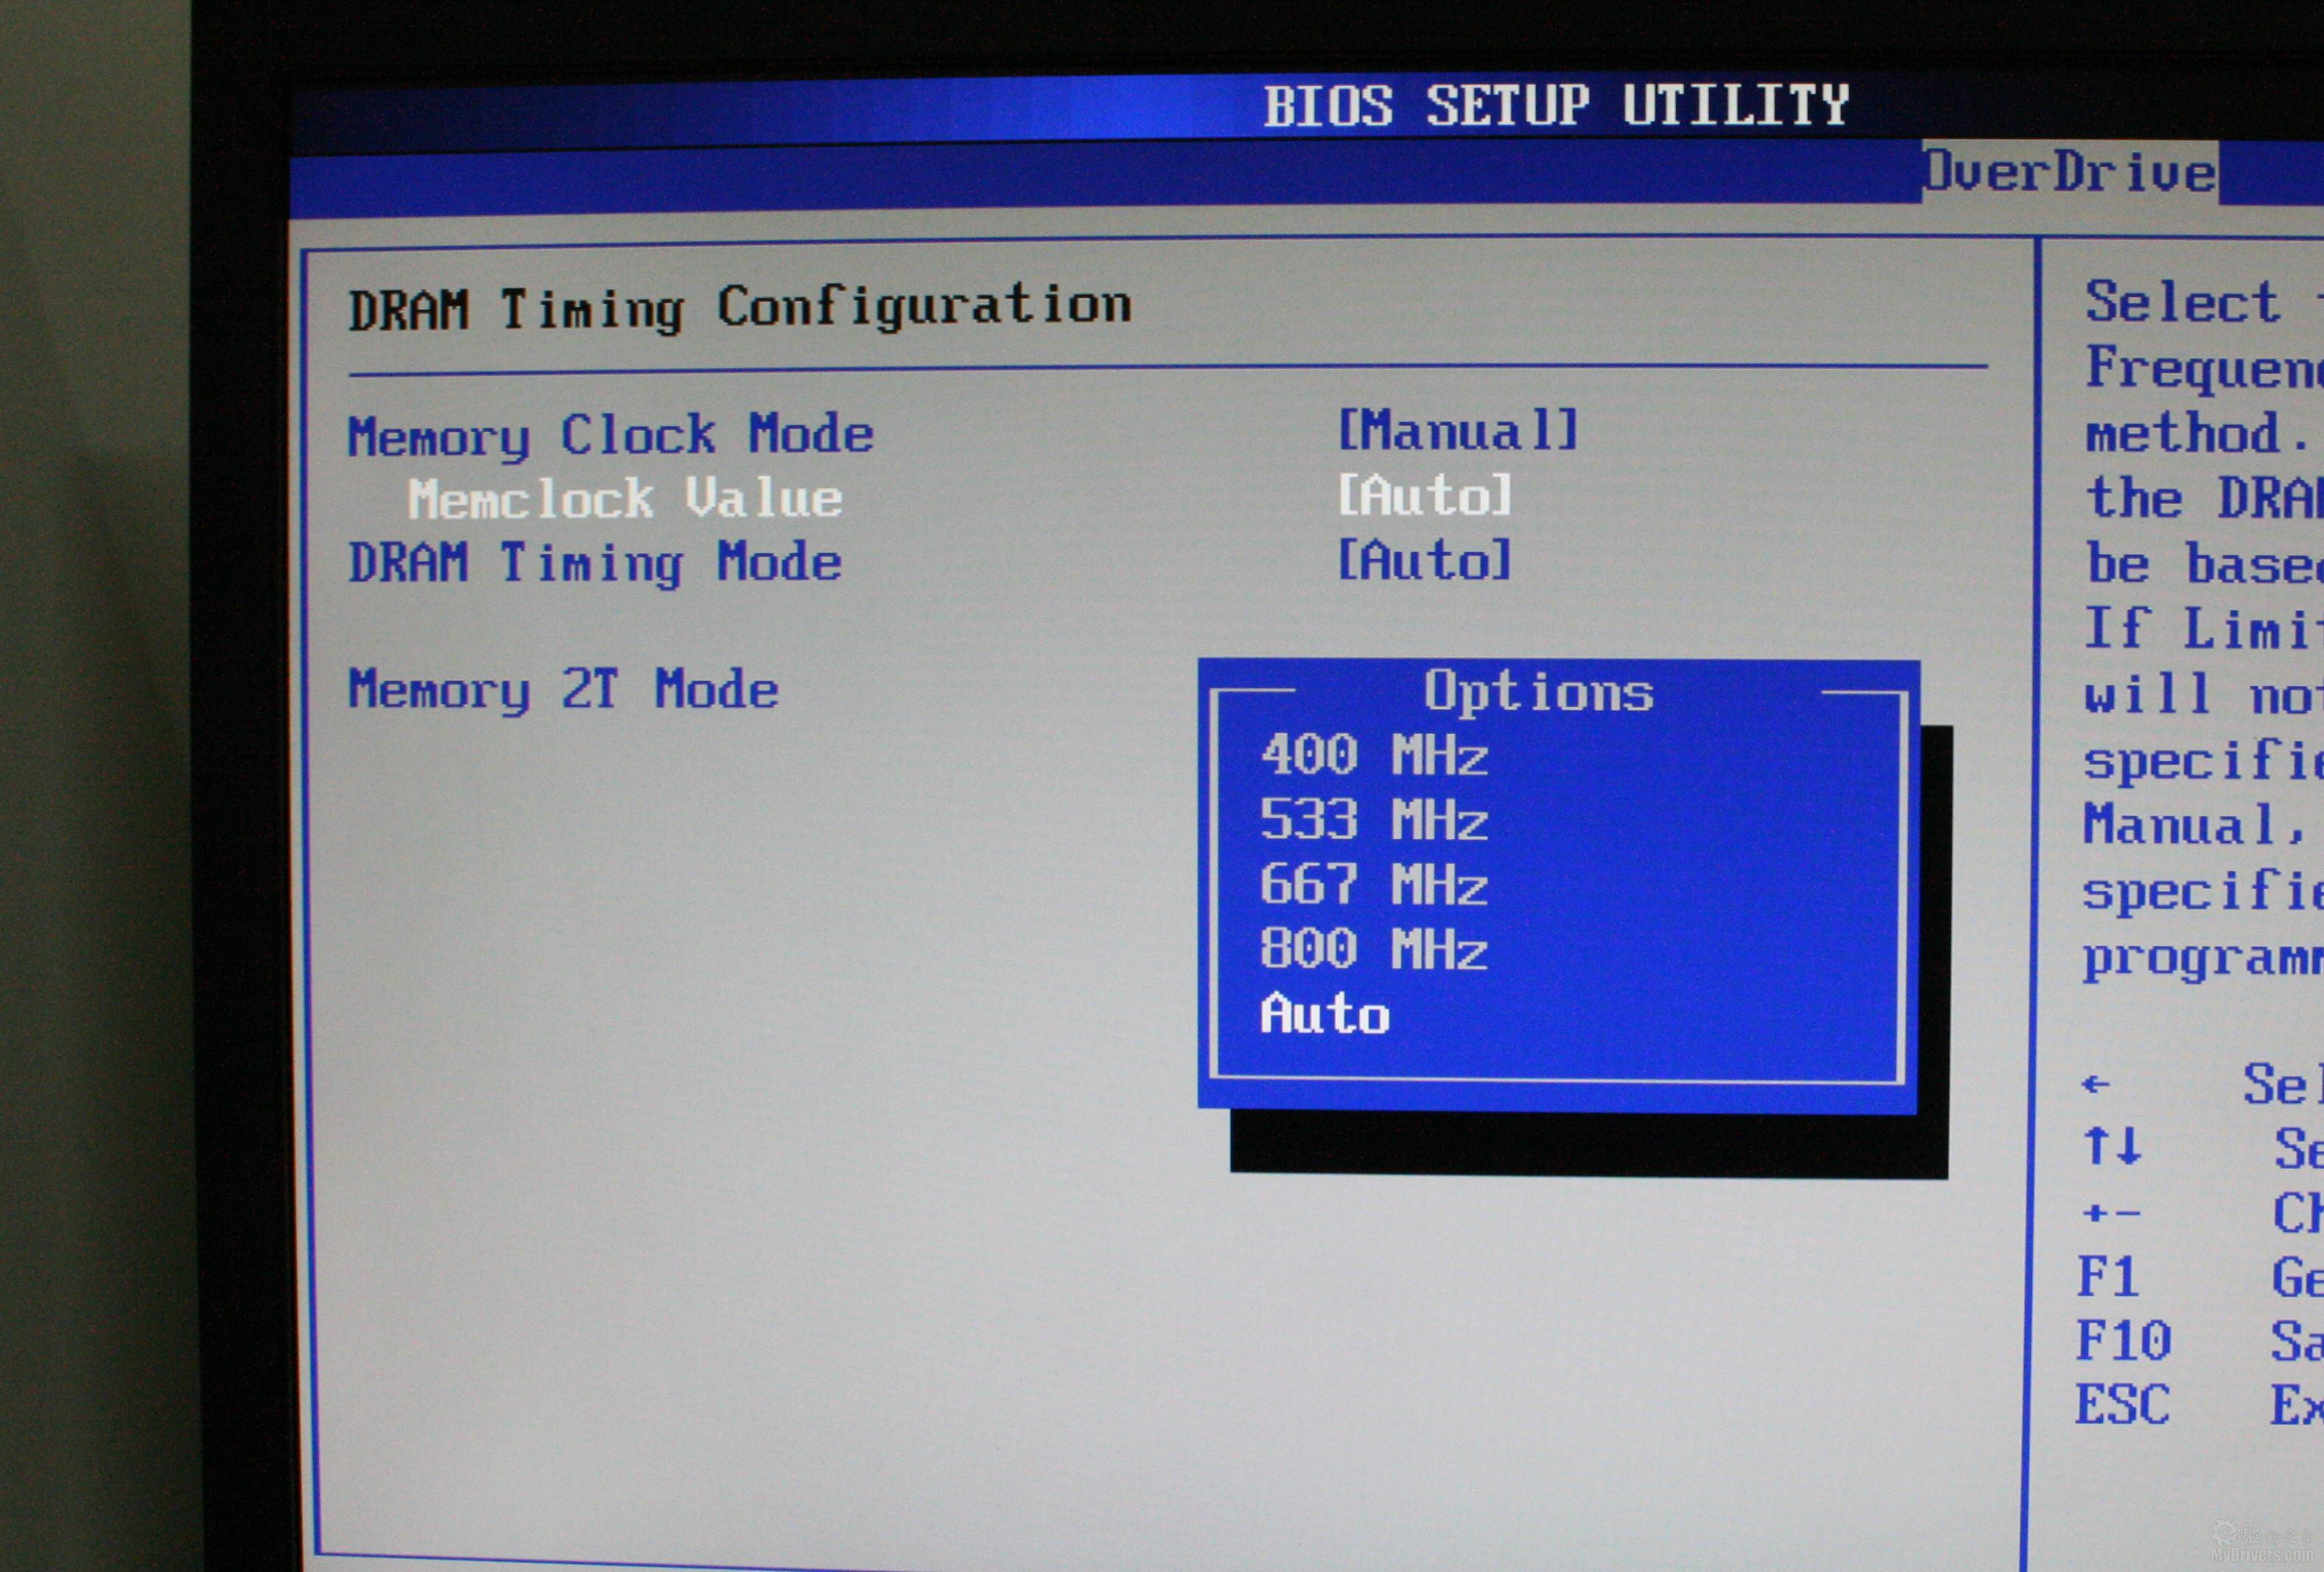 [4.昂达魔剑A890GX主板BIOS简介] 昂达A890GX主板定位全能,无论是游戏竞技还是影音娱乐亦或者是超频平台都有可取之处,其BIOS设计也很出色,并有多种新奇功能设置。  北桥集显设置 主板附带了sideport显卡,不过在BISO依然可以设置共享内存大小,最大可设置512MB内存作为显存使用。  南桥I/O设置 南桥中提供了I/O接口、HD Audio音频等选项设置。  CPU超频设置 针对超频用户,主板BISO中也提供了丰富的选项,可以调节CPU倍频/外频、NB外频/倍频、HT频率、PCI频